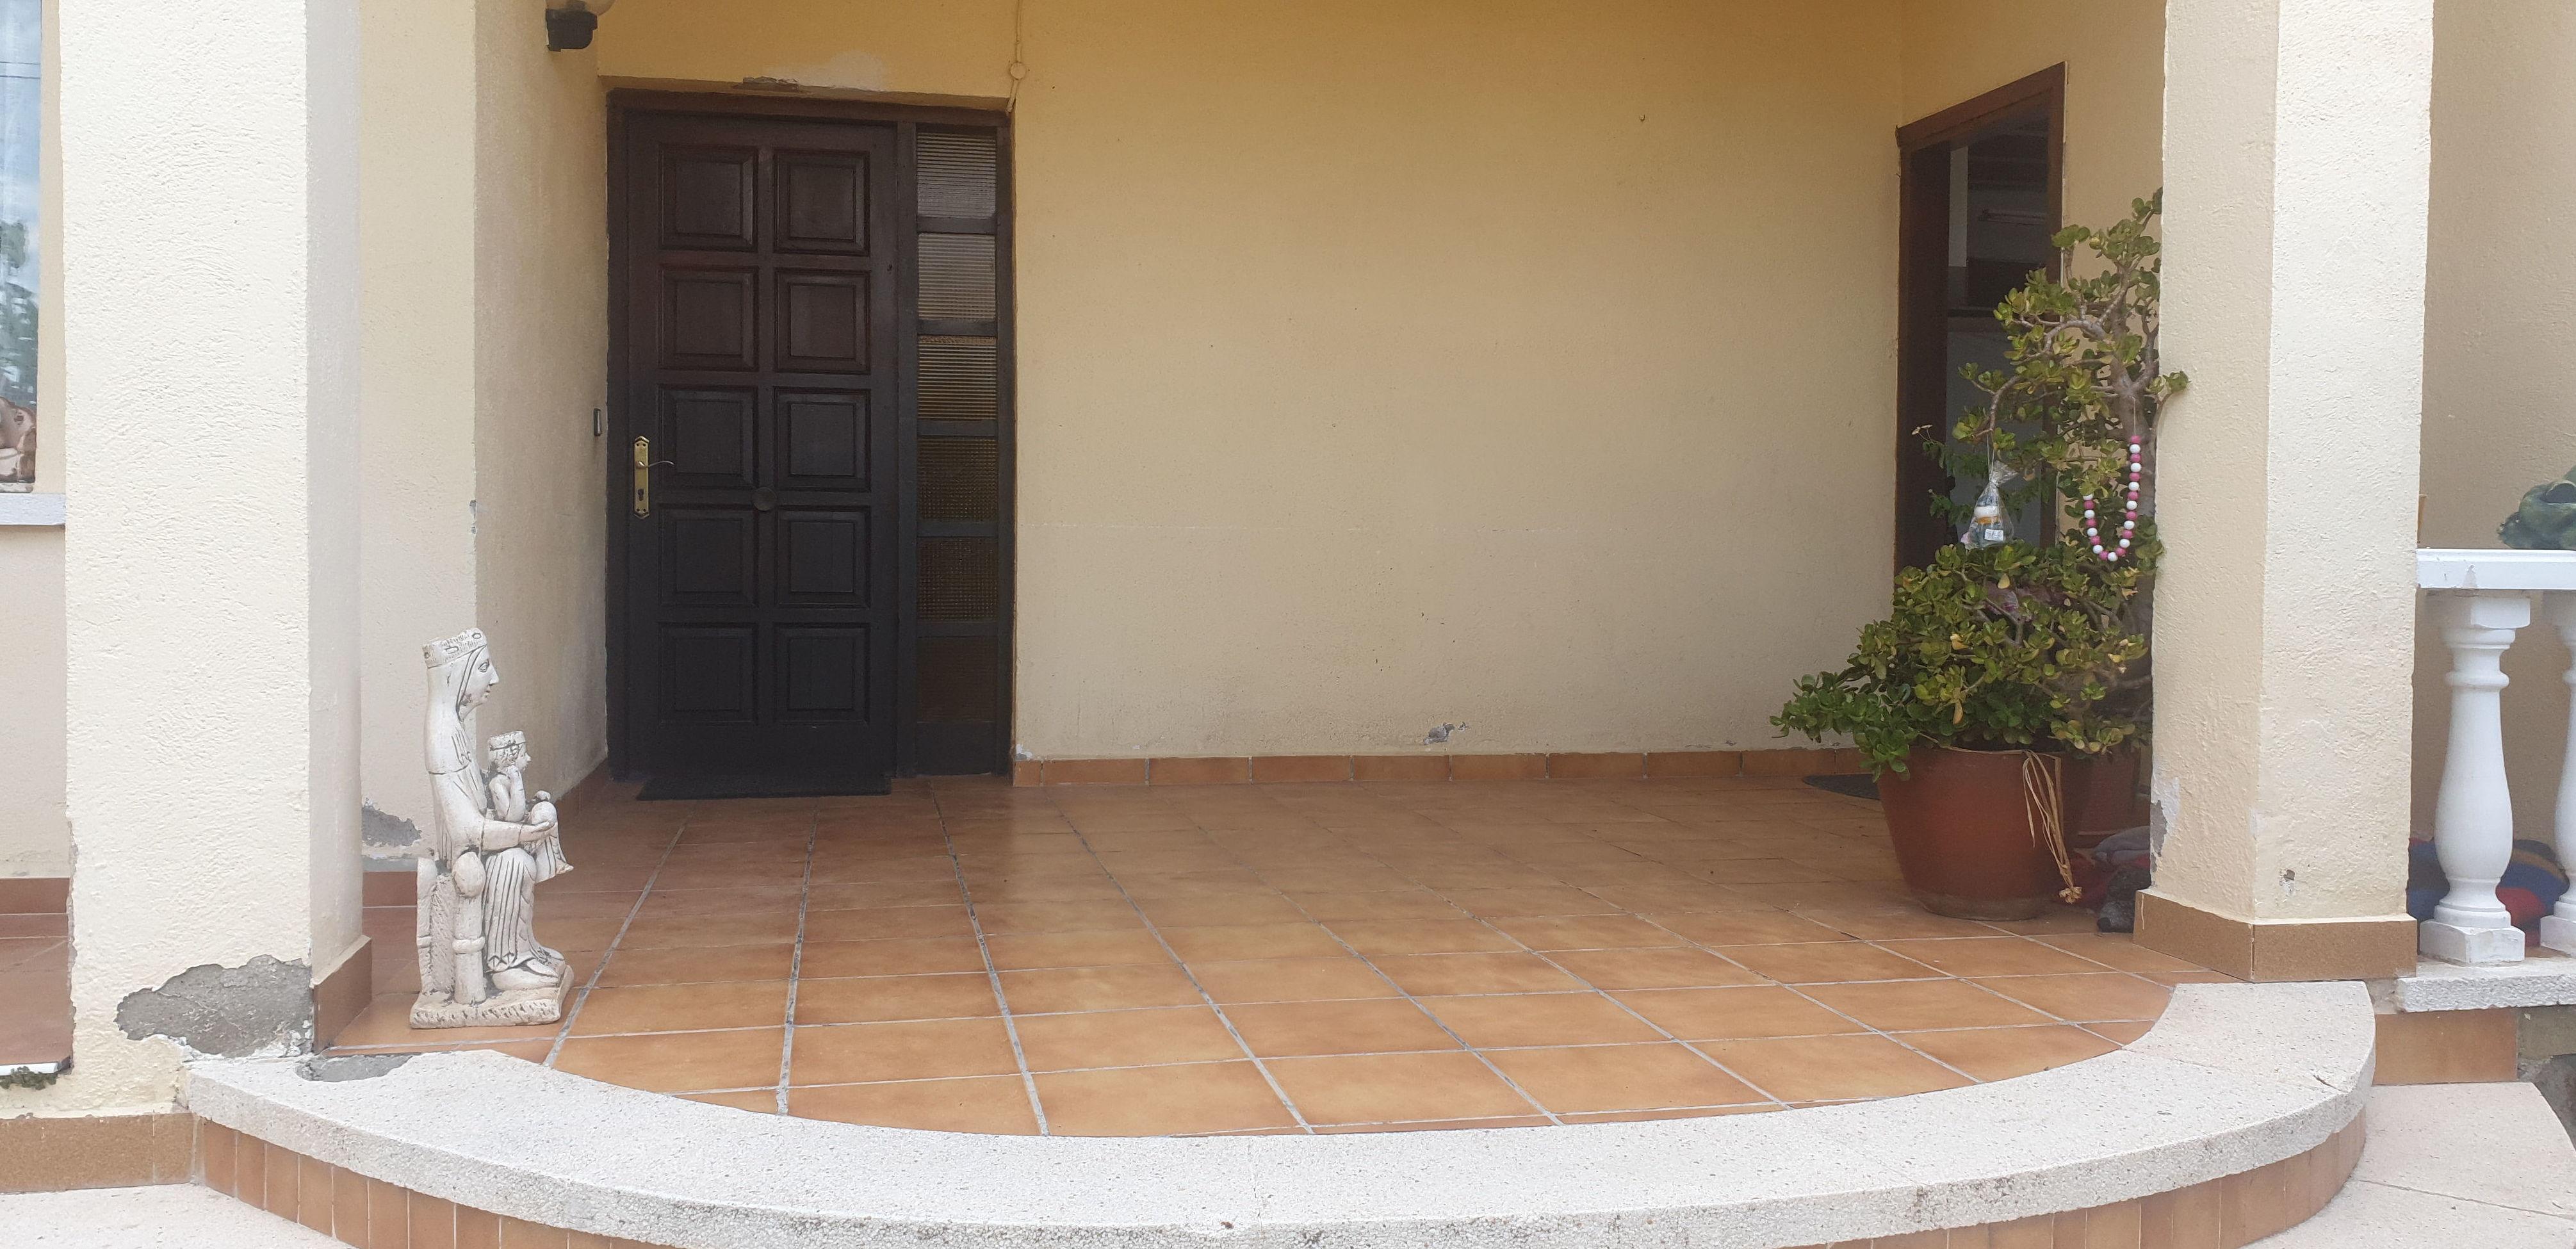 Casa en el casco urbano de Cunit: Inmuebles en venta de ALGAMAR IMMOBLES S.L.